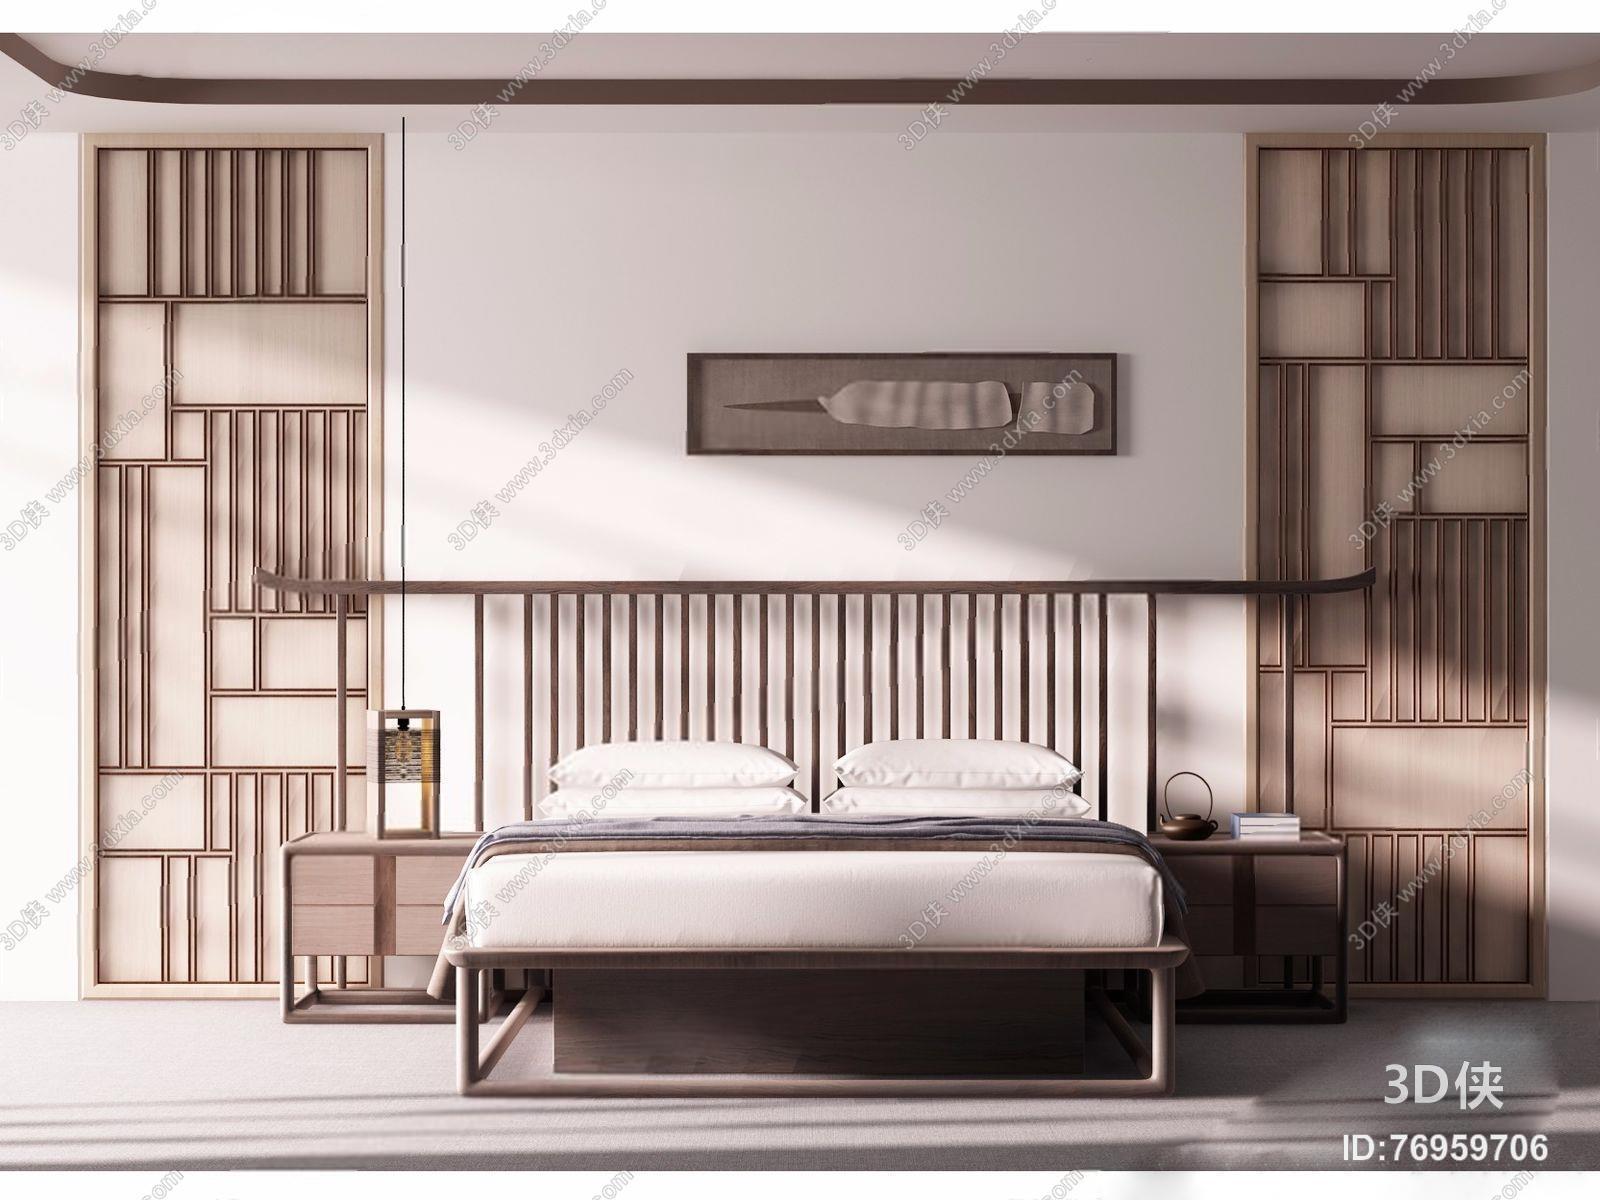 新中式禅意床具 新中式床具 双人实木床 床头柜 挂画 屏风隔断 台灯